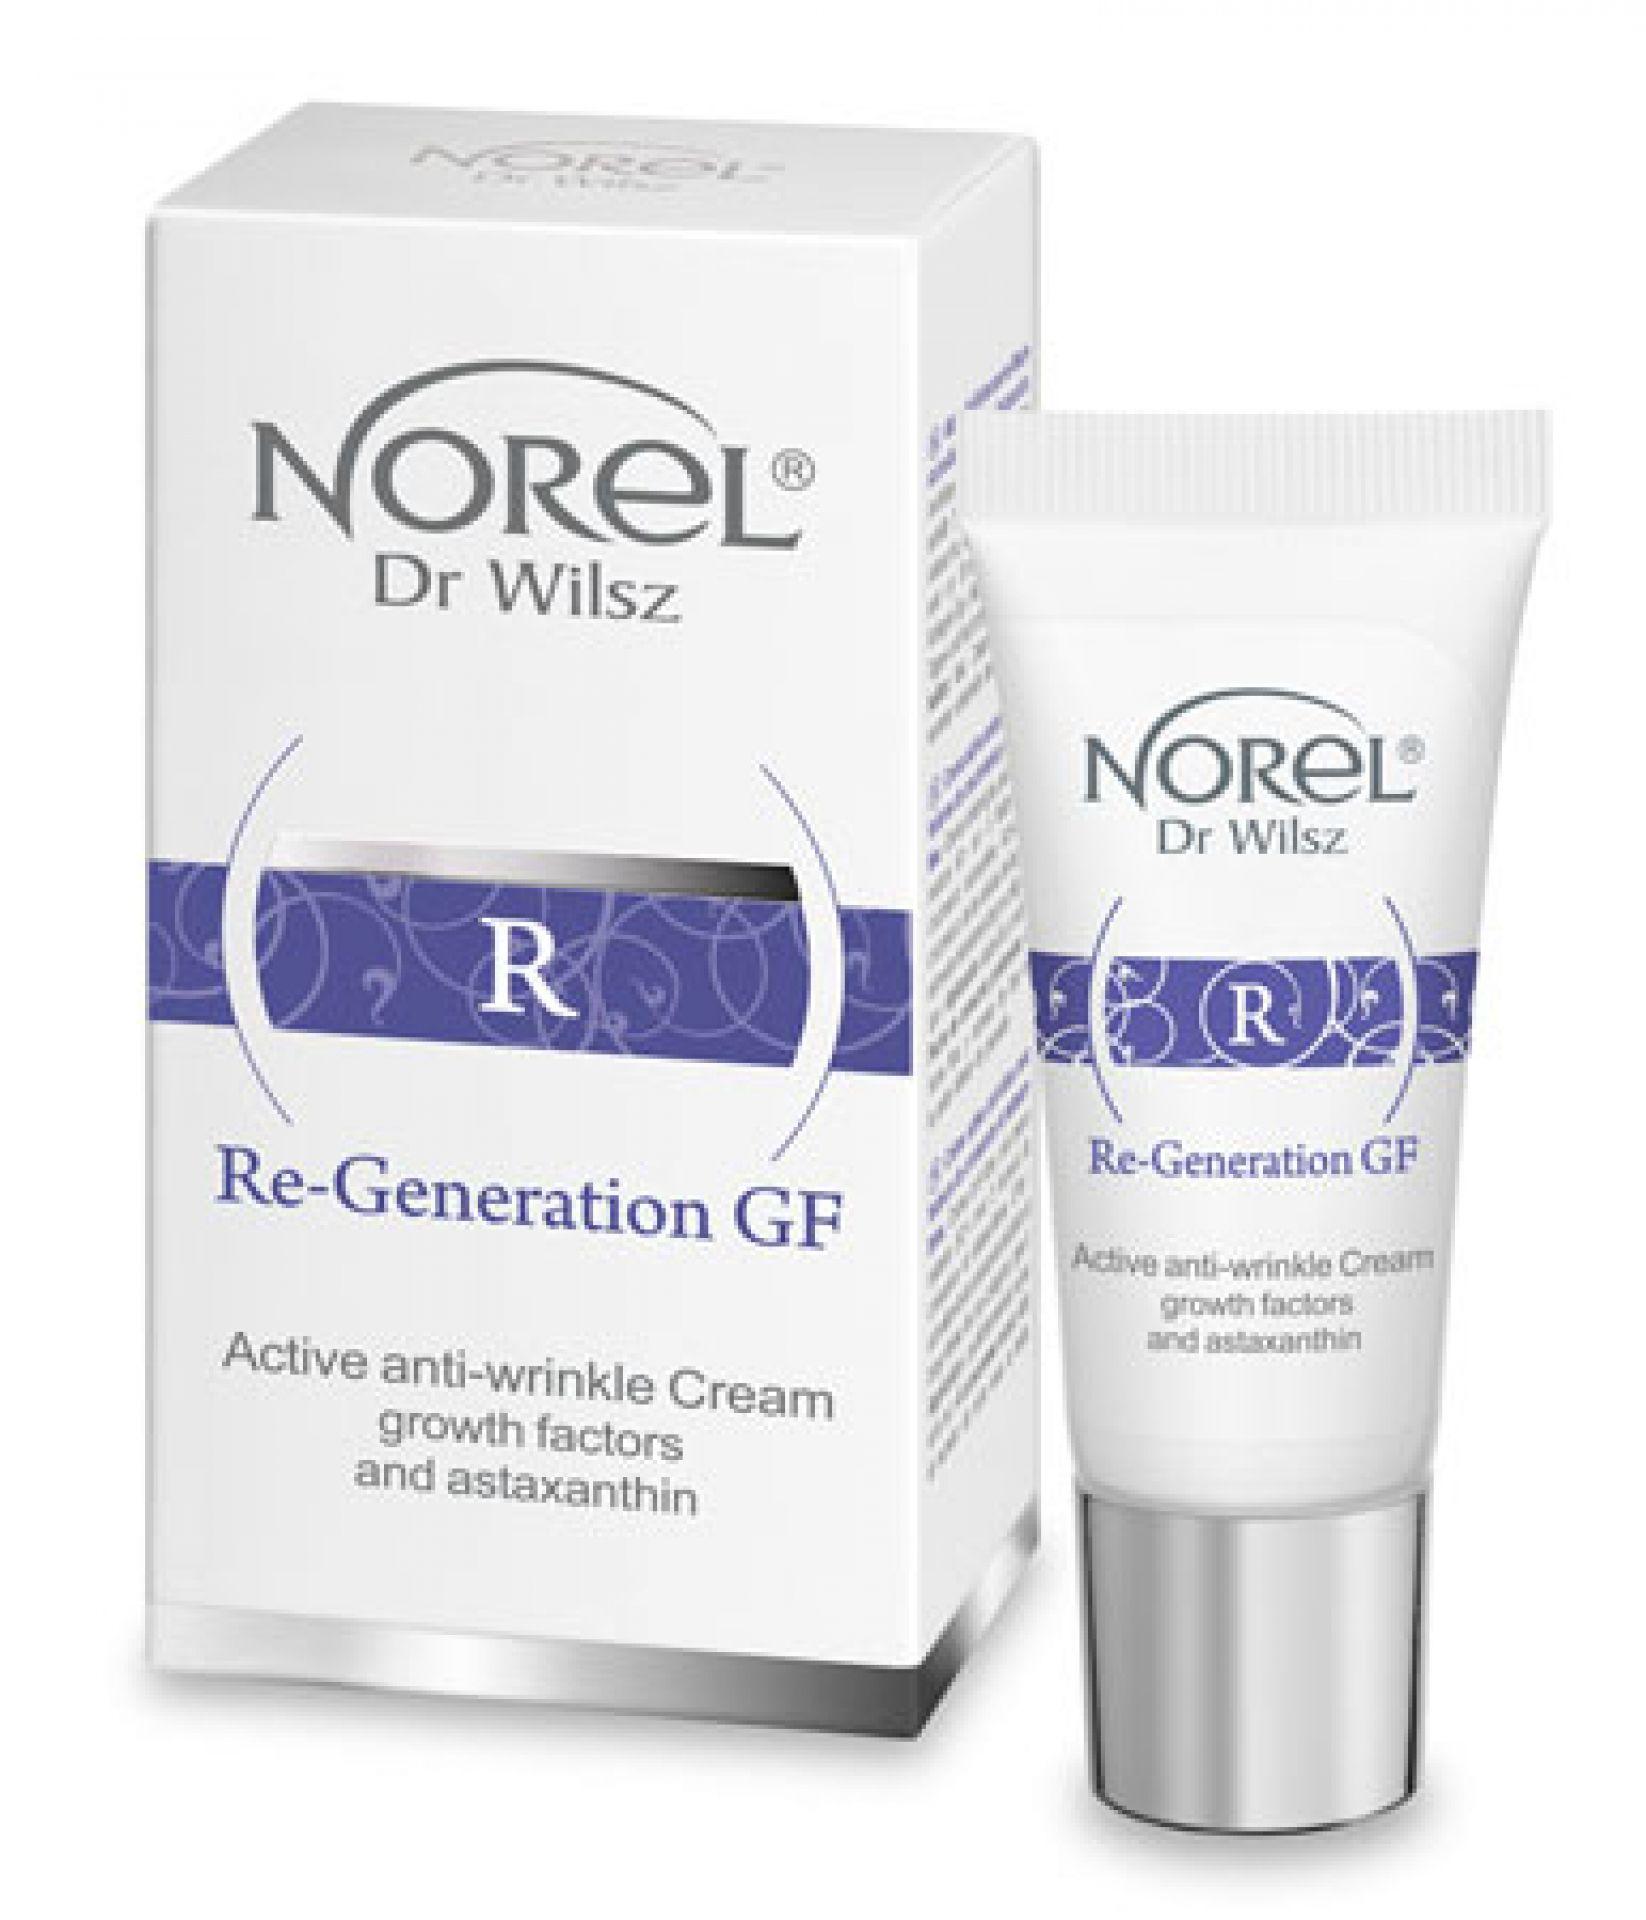 NOREL Dr. Wilsz Крем активный с пептидами, био-плацентой и астаксантином против морщин для лица / Anti-wrinkle Cream with growth factors 15 мл - Кремы